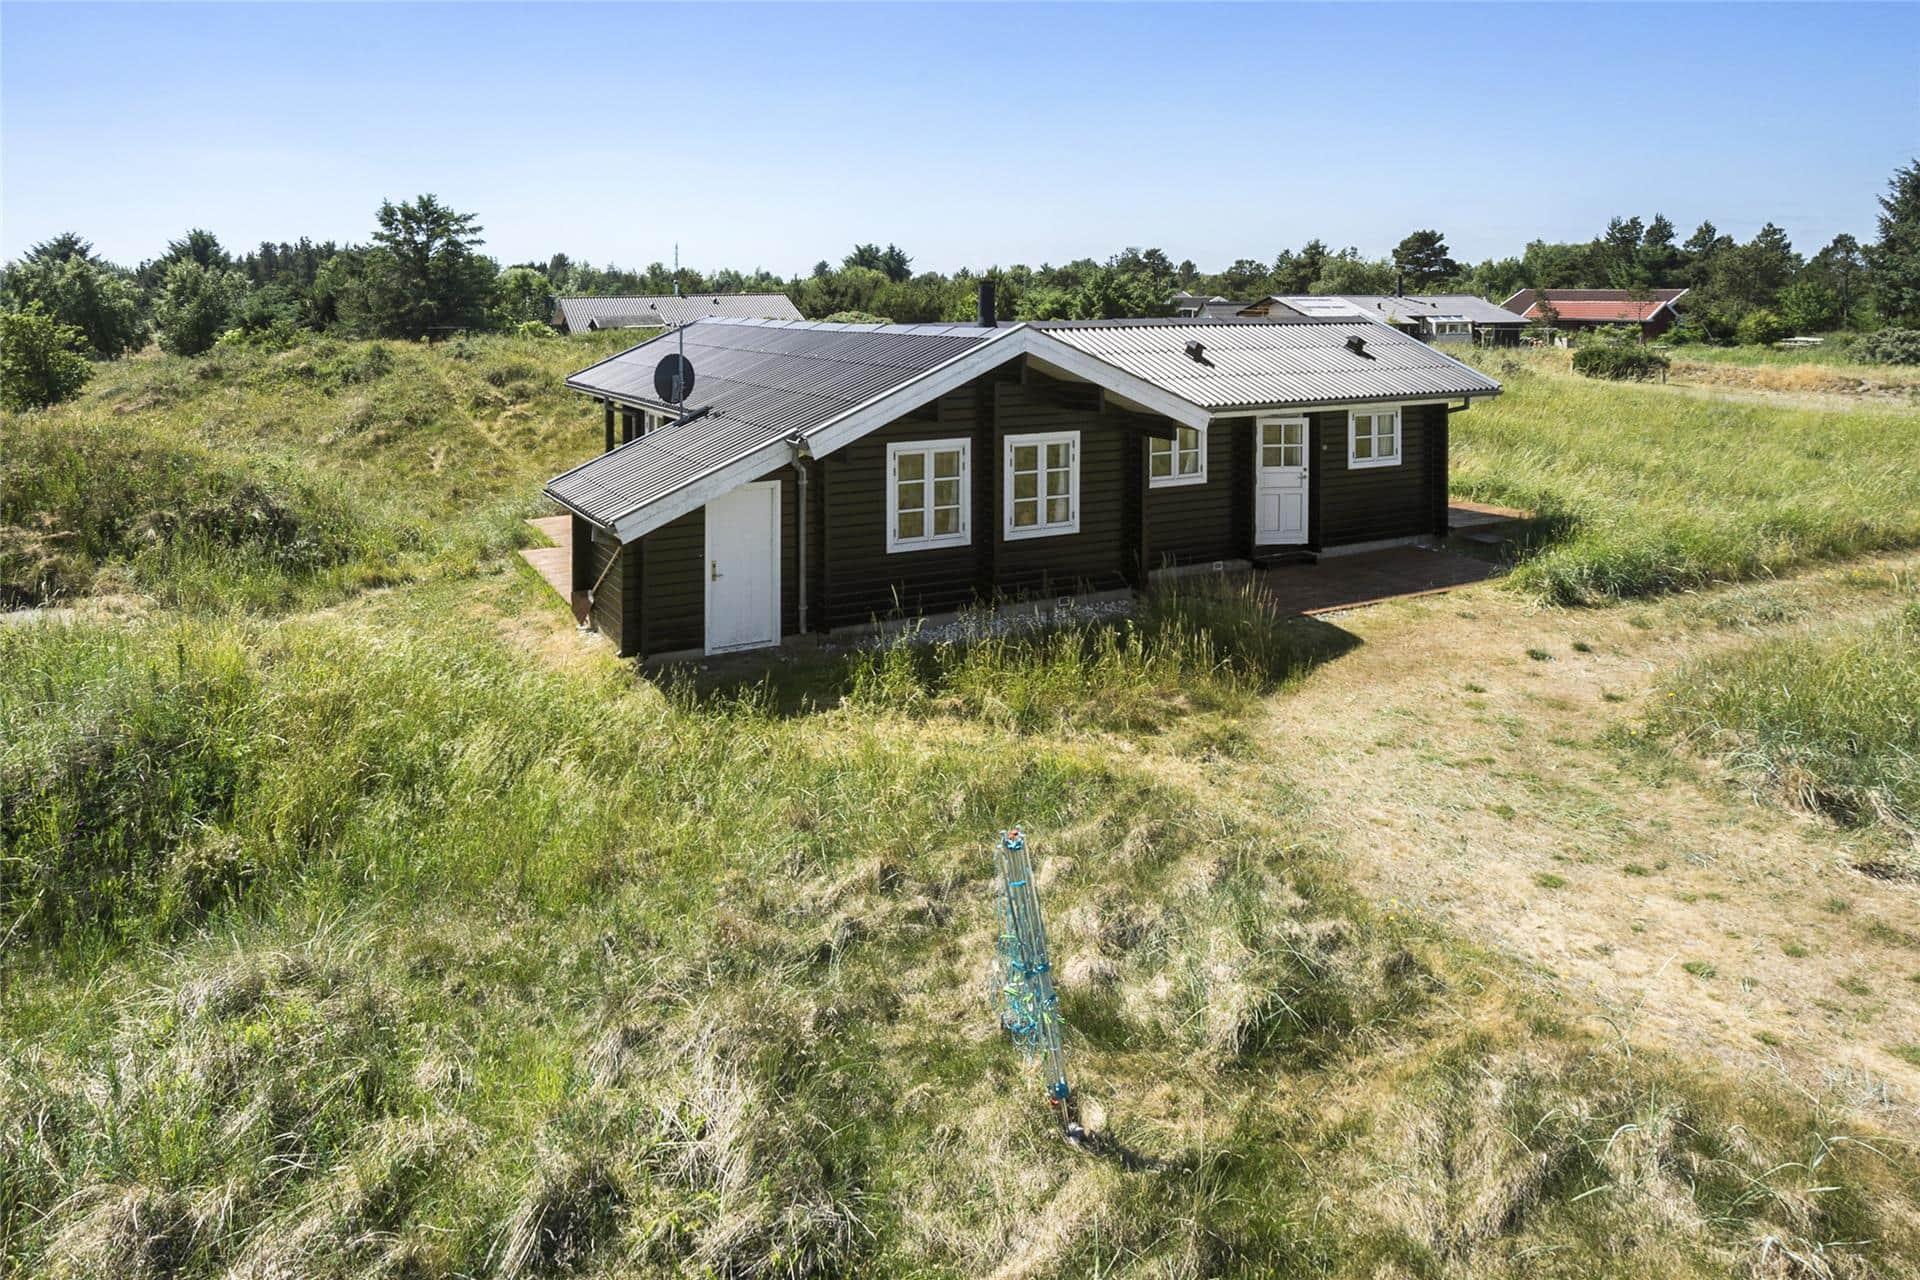 Billede 1-148 Sommerhus TV1212, Klitrosevej 18, DK - 9881 Bindslev